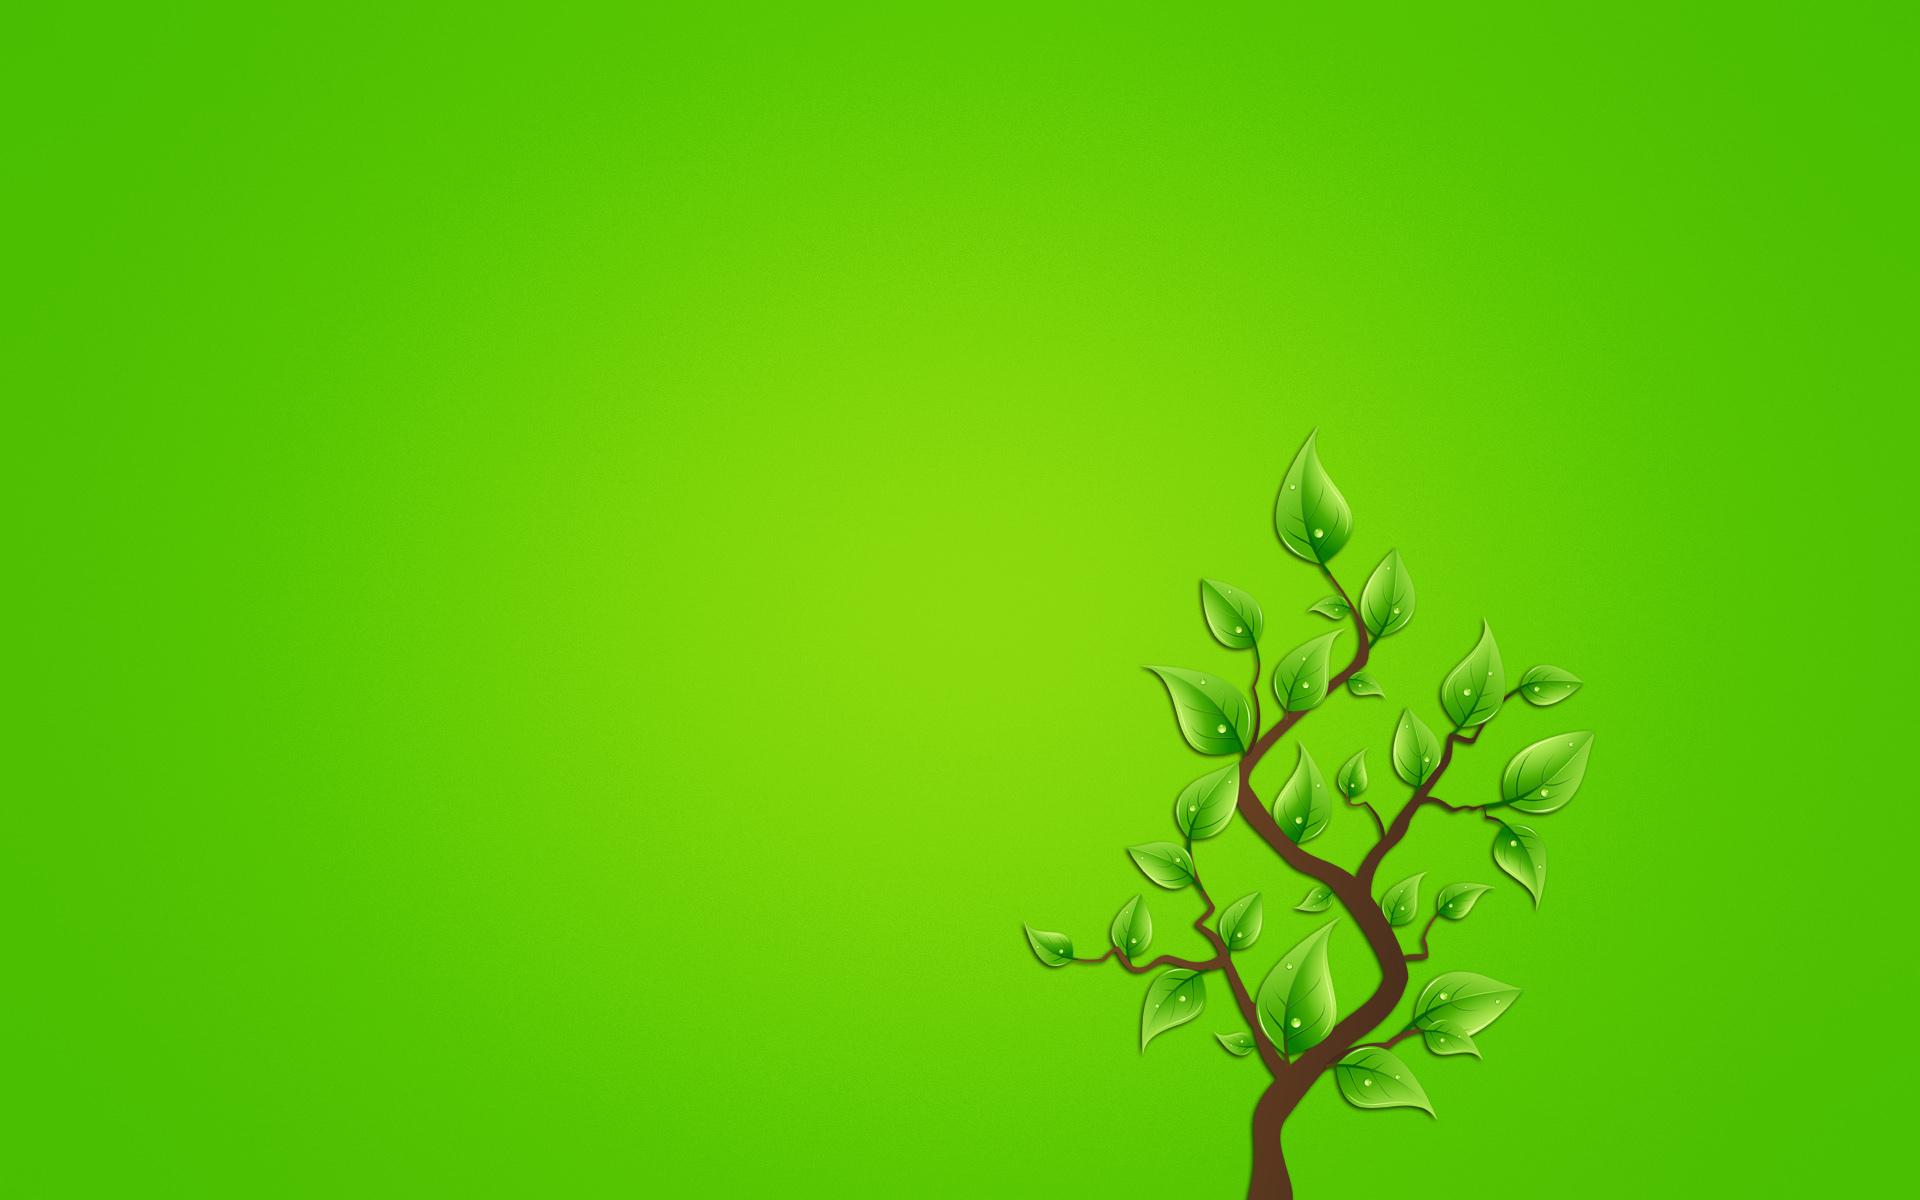 Желто-зеленые листки  № 3114925 без смс